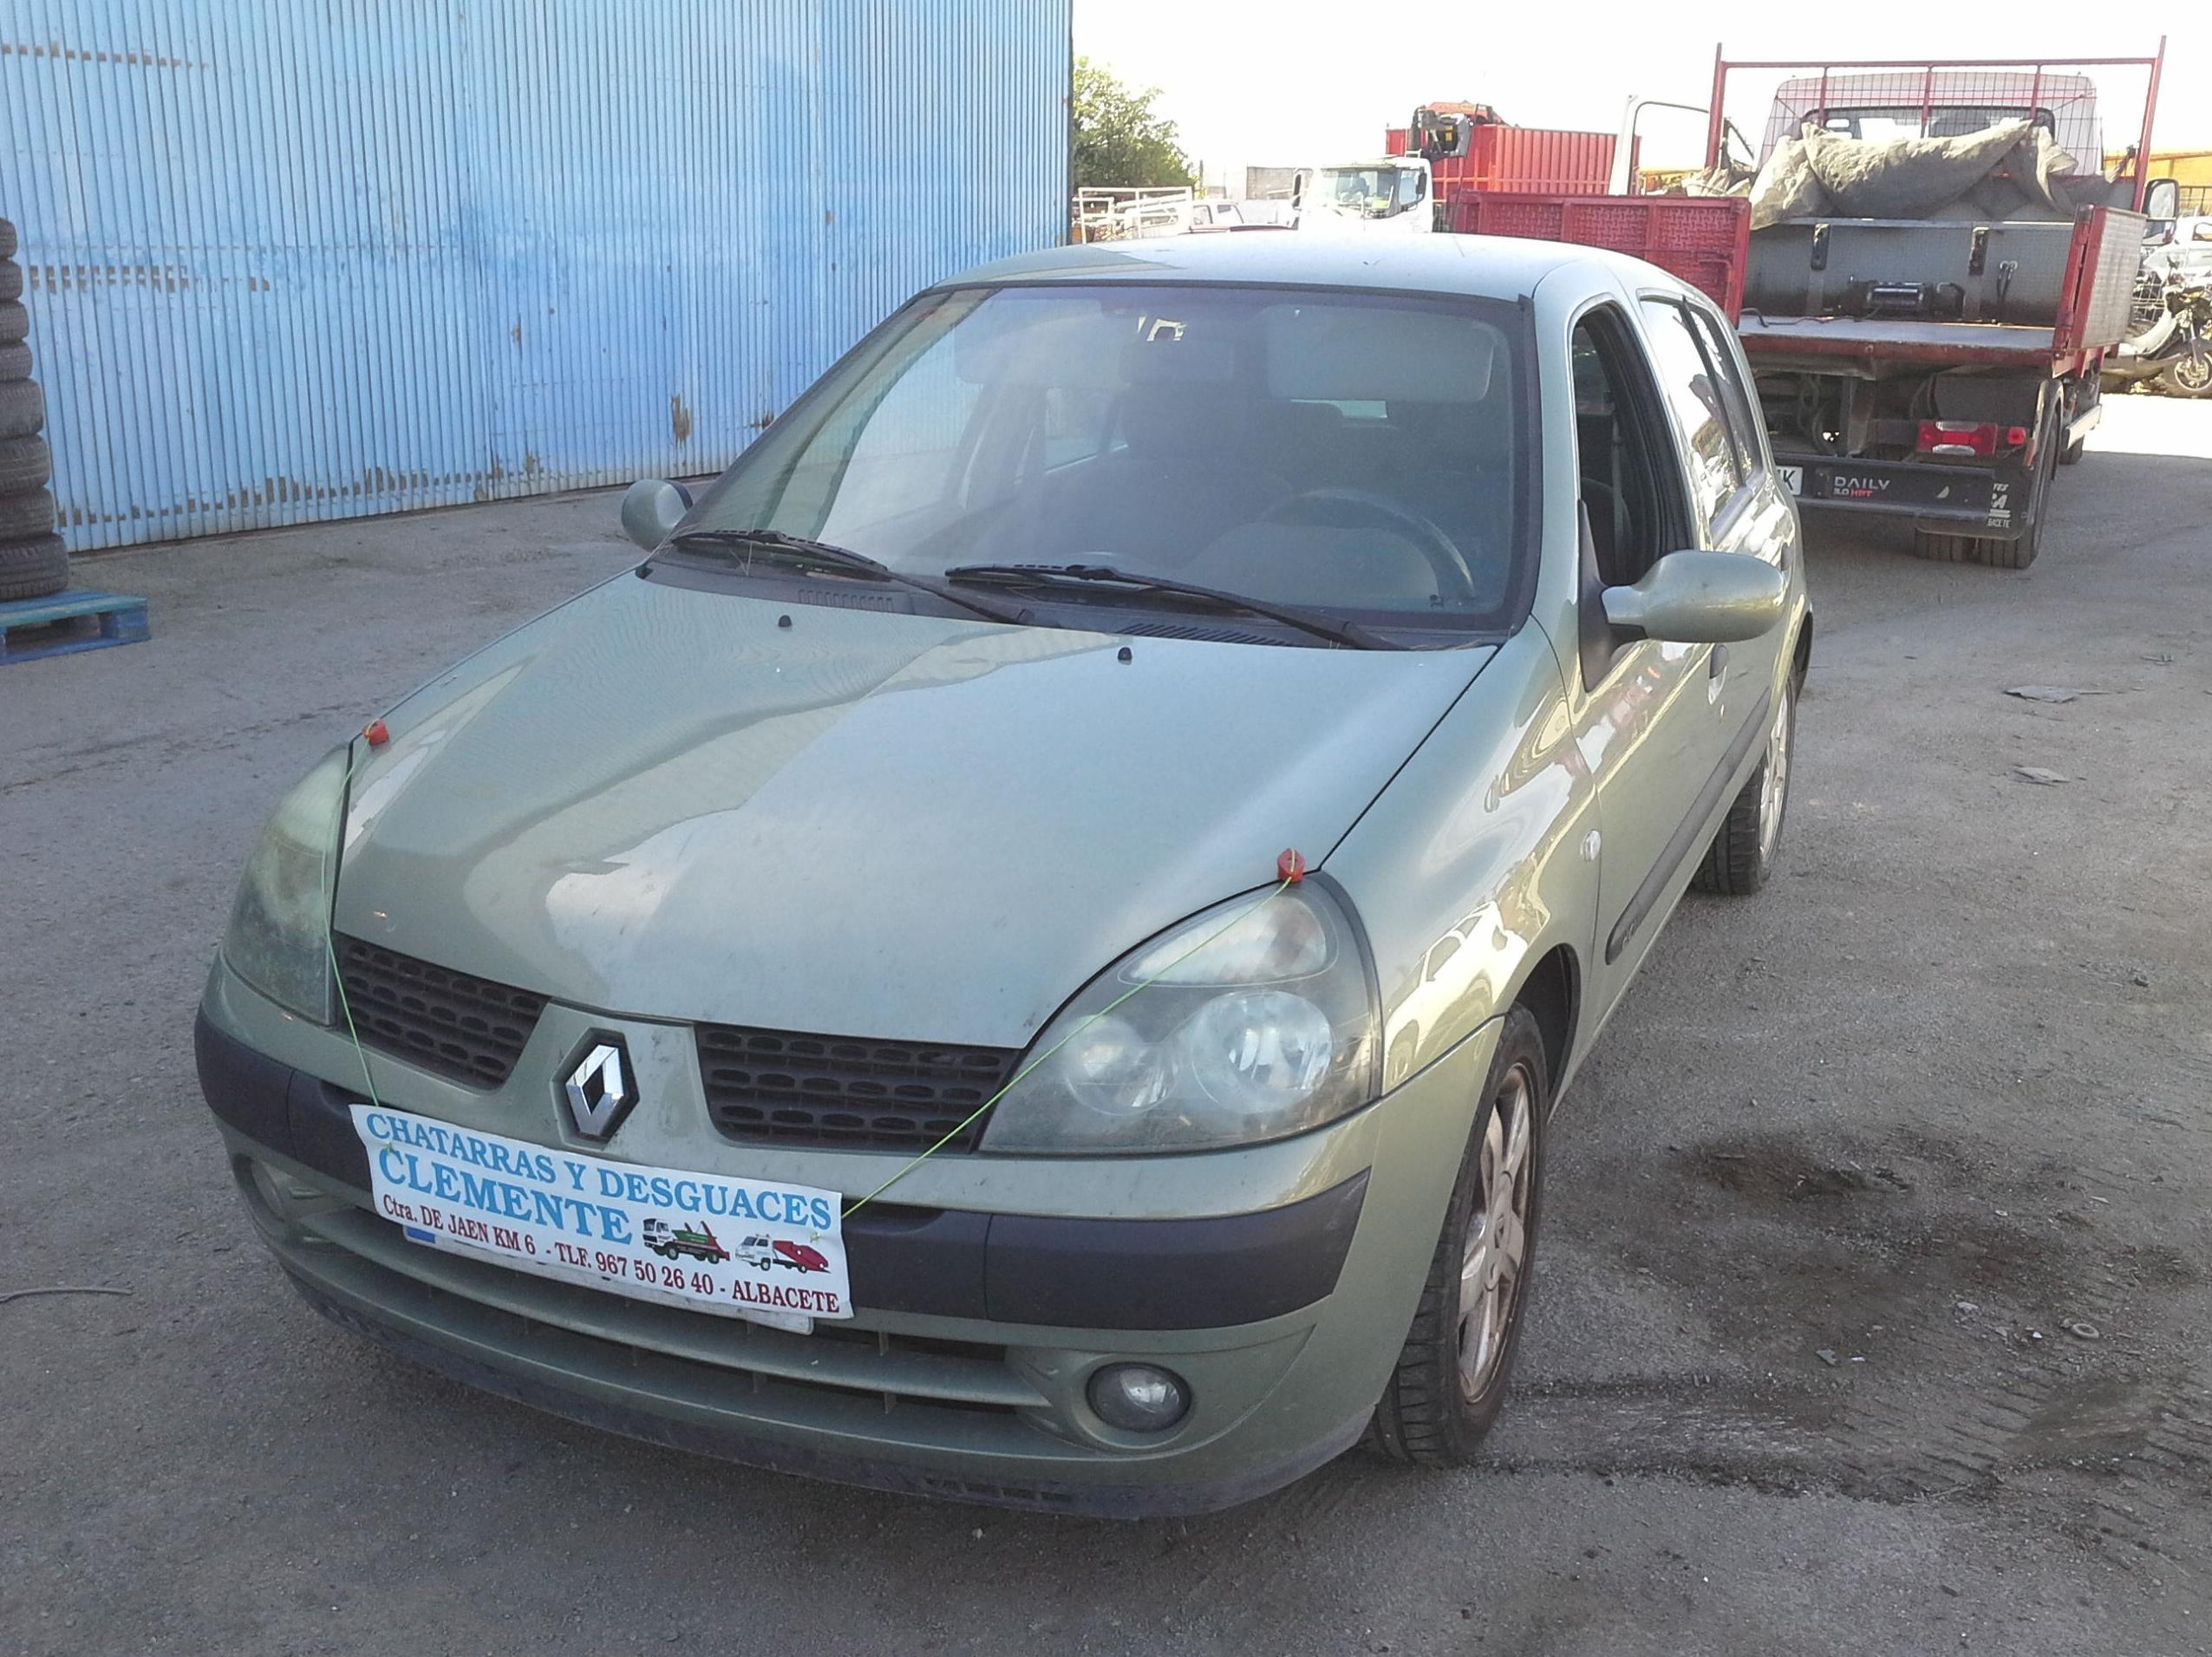 Renault clio para desguace en Desguaces Clemente de Albacete